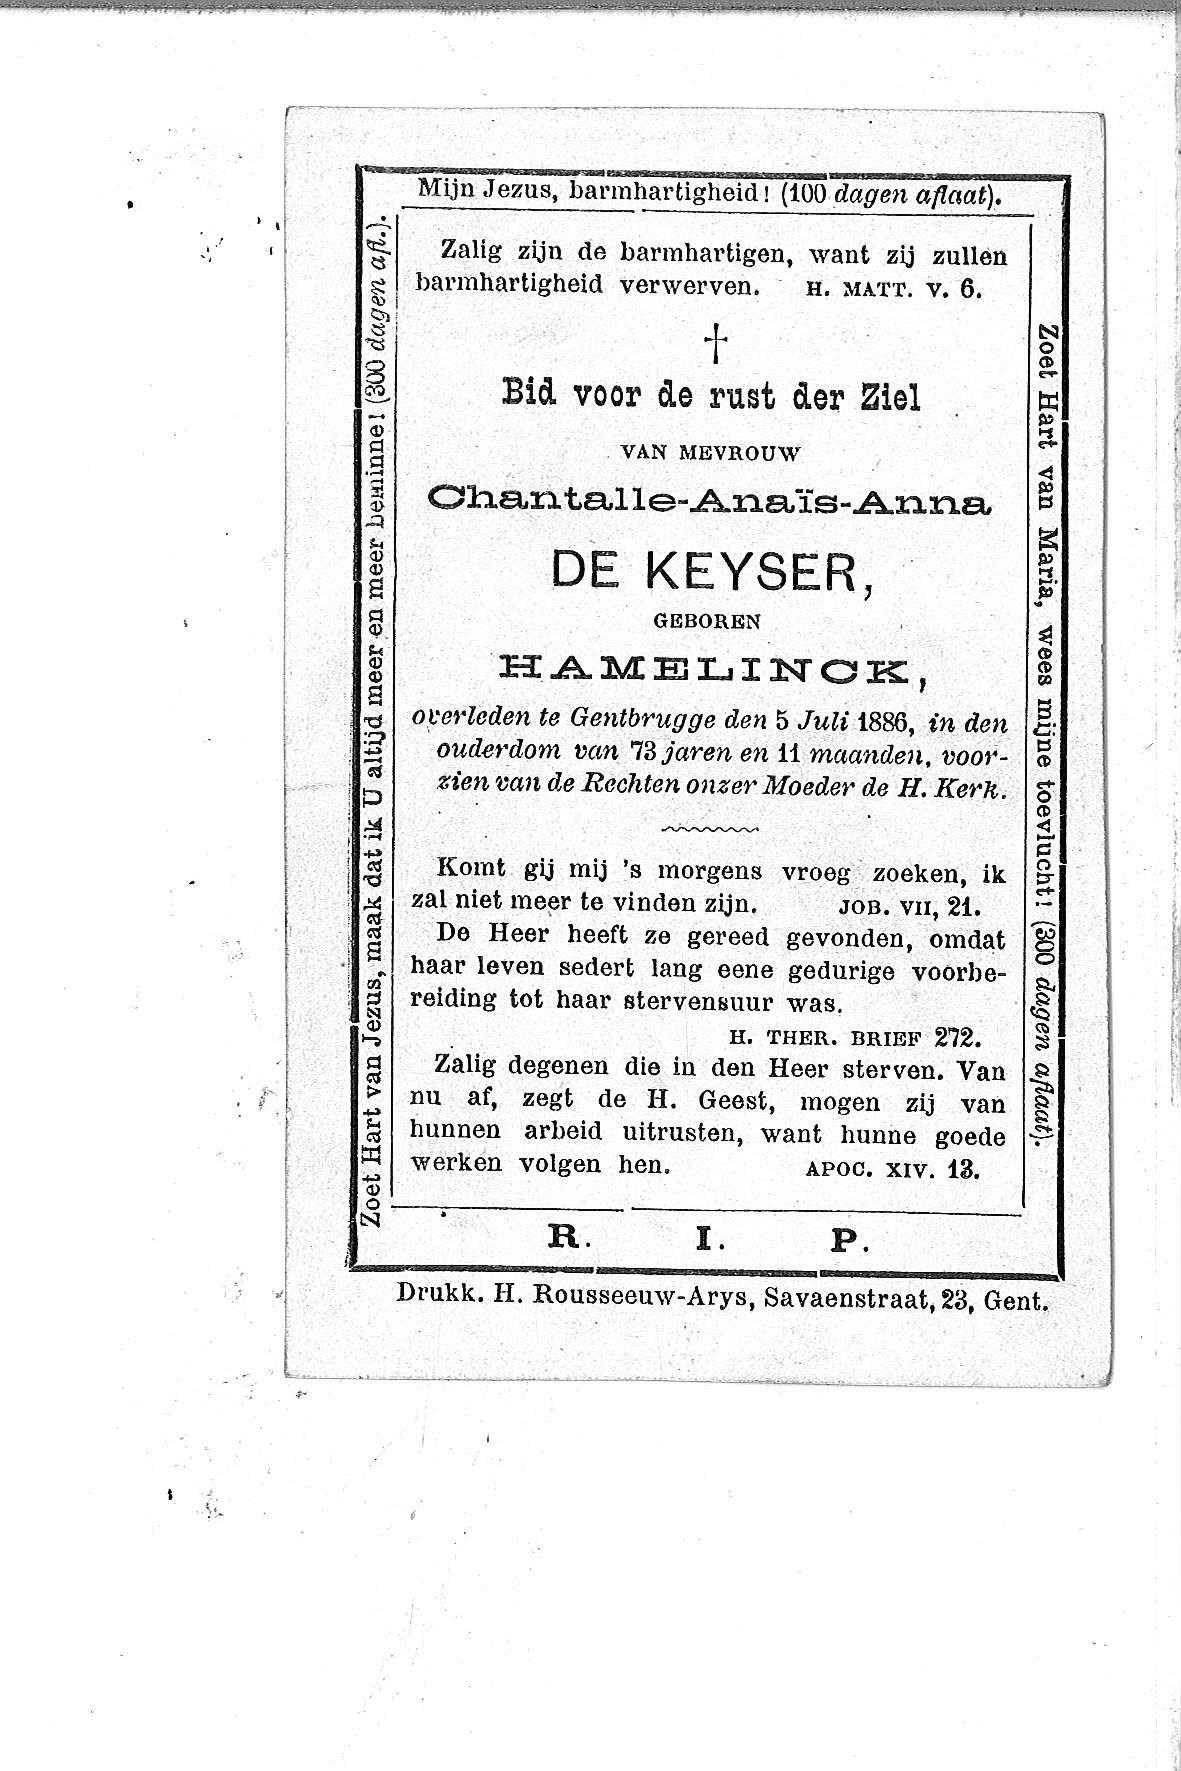 Chantalle-Anaïs-Anna-(1886)-20121011095319_00026.jpg